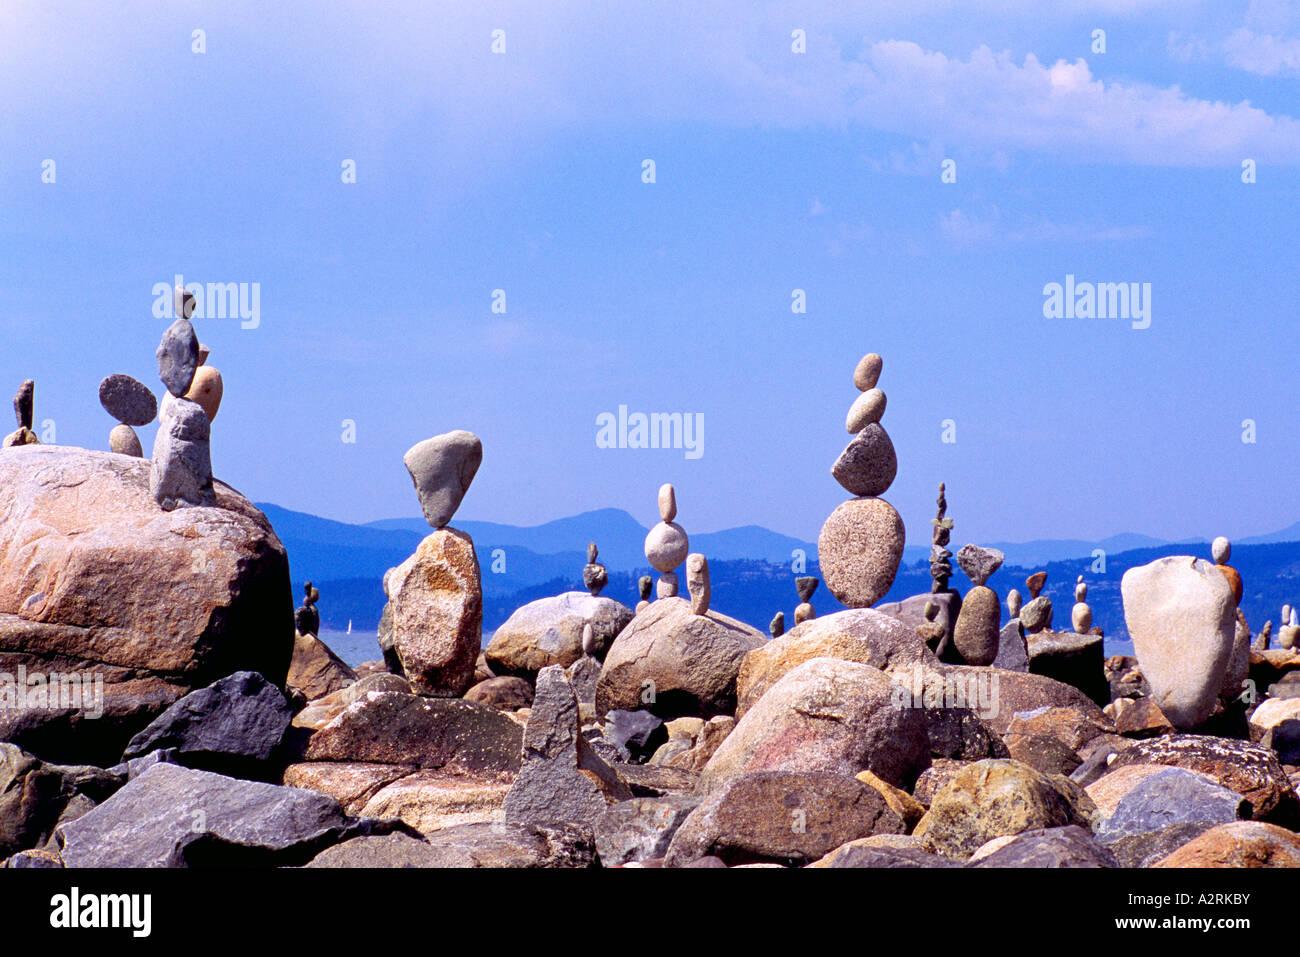 Viele Felsen ausgeglichen bis zur Perfektion - Balance-Konzept Stockfoto